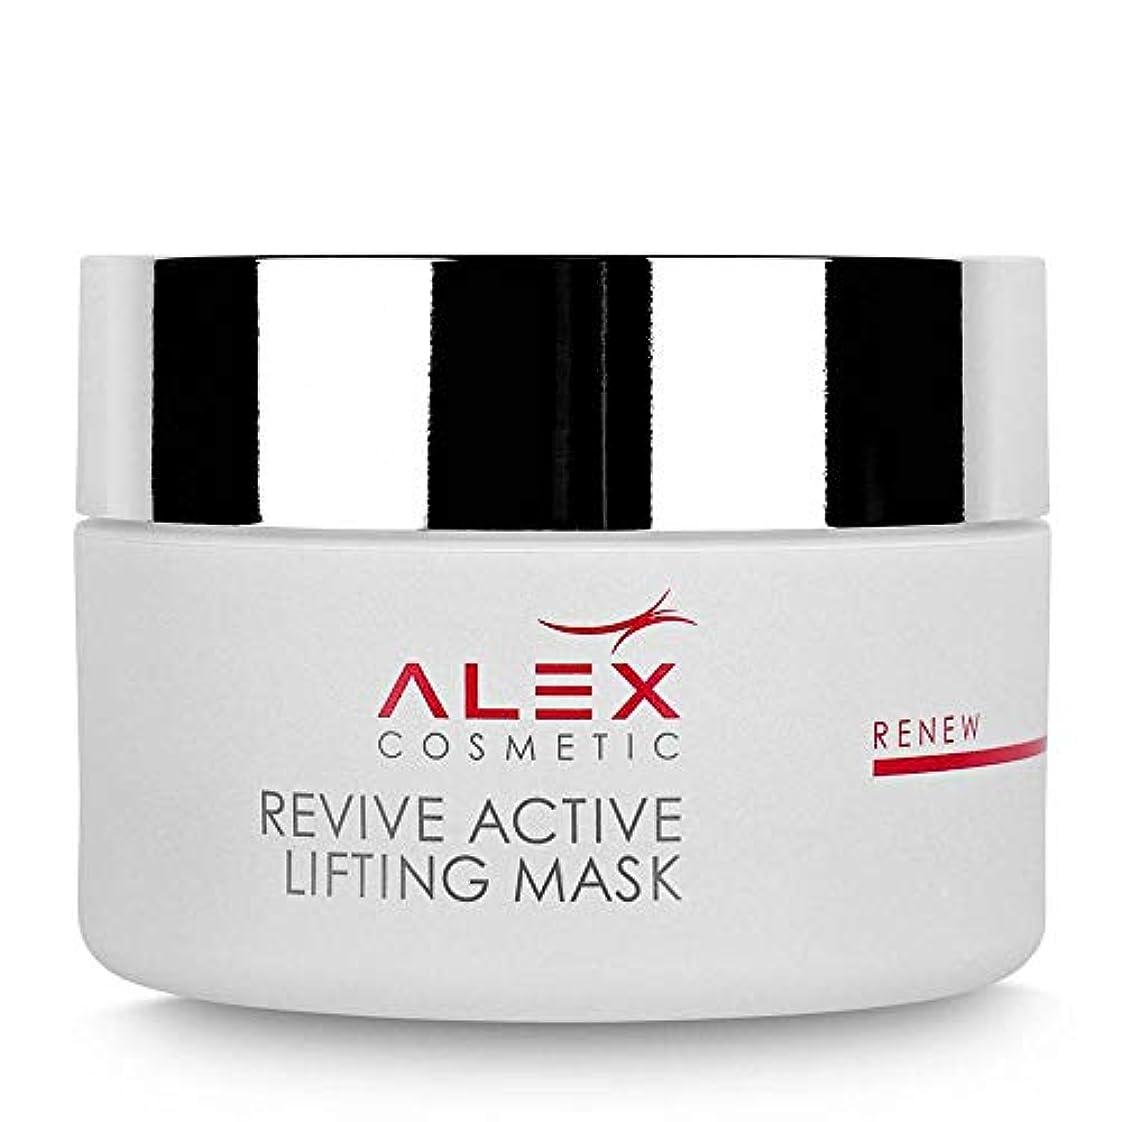 放置チャーミングコンパスAlex アレックス コスメ Revive Active Lifting Mask リバイブ アクティブ リフティング マスク 50ml【並行輸入品】